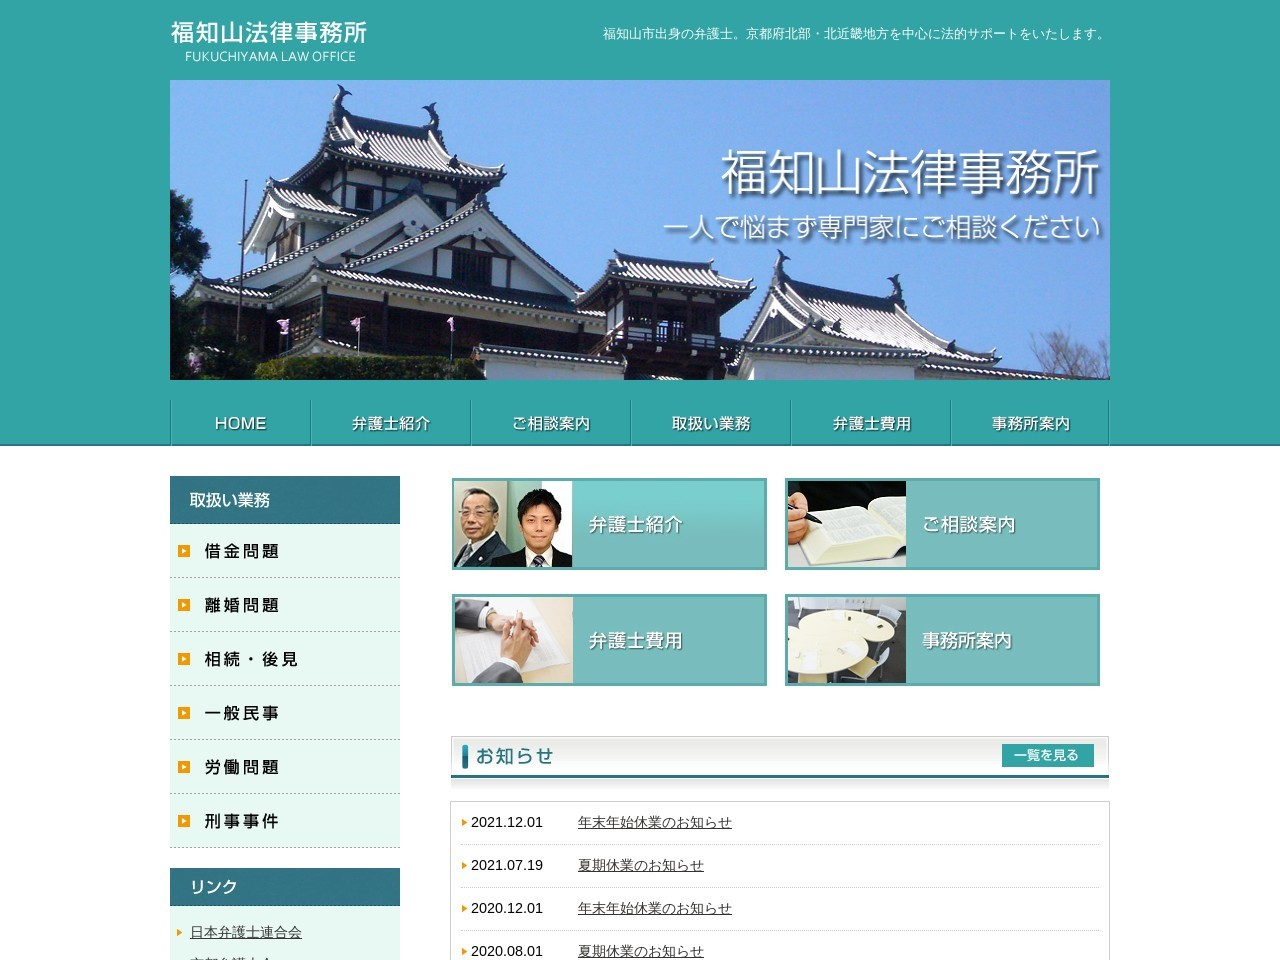 福知山法律事務所